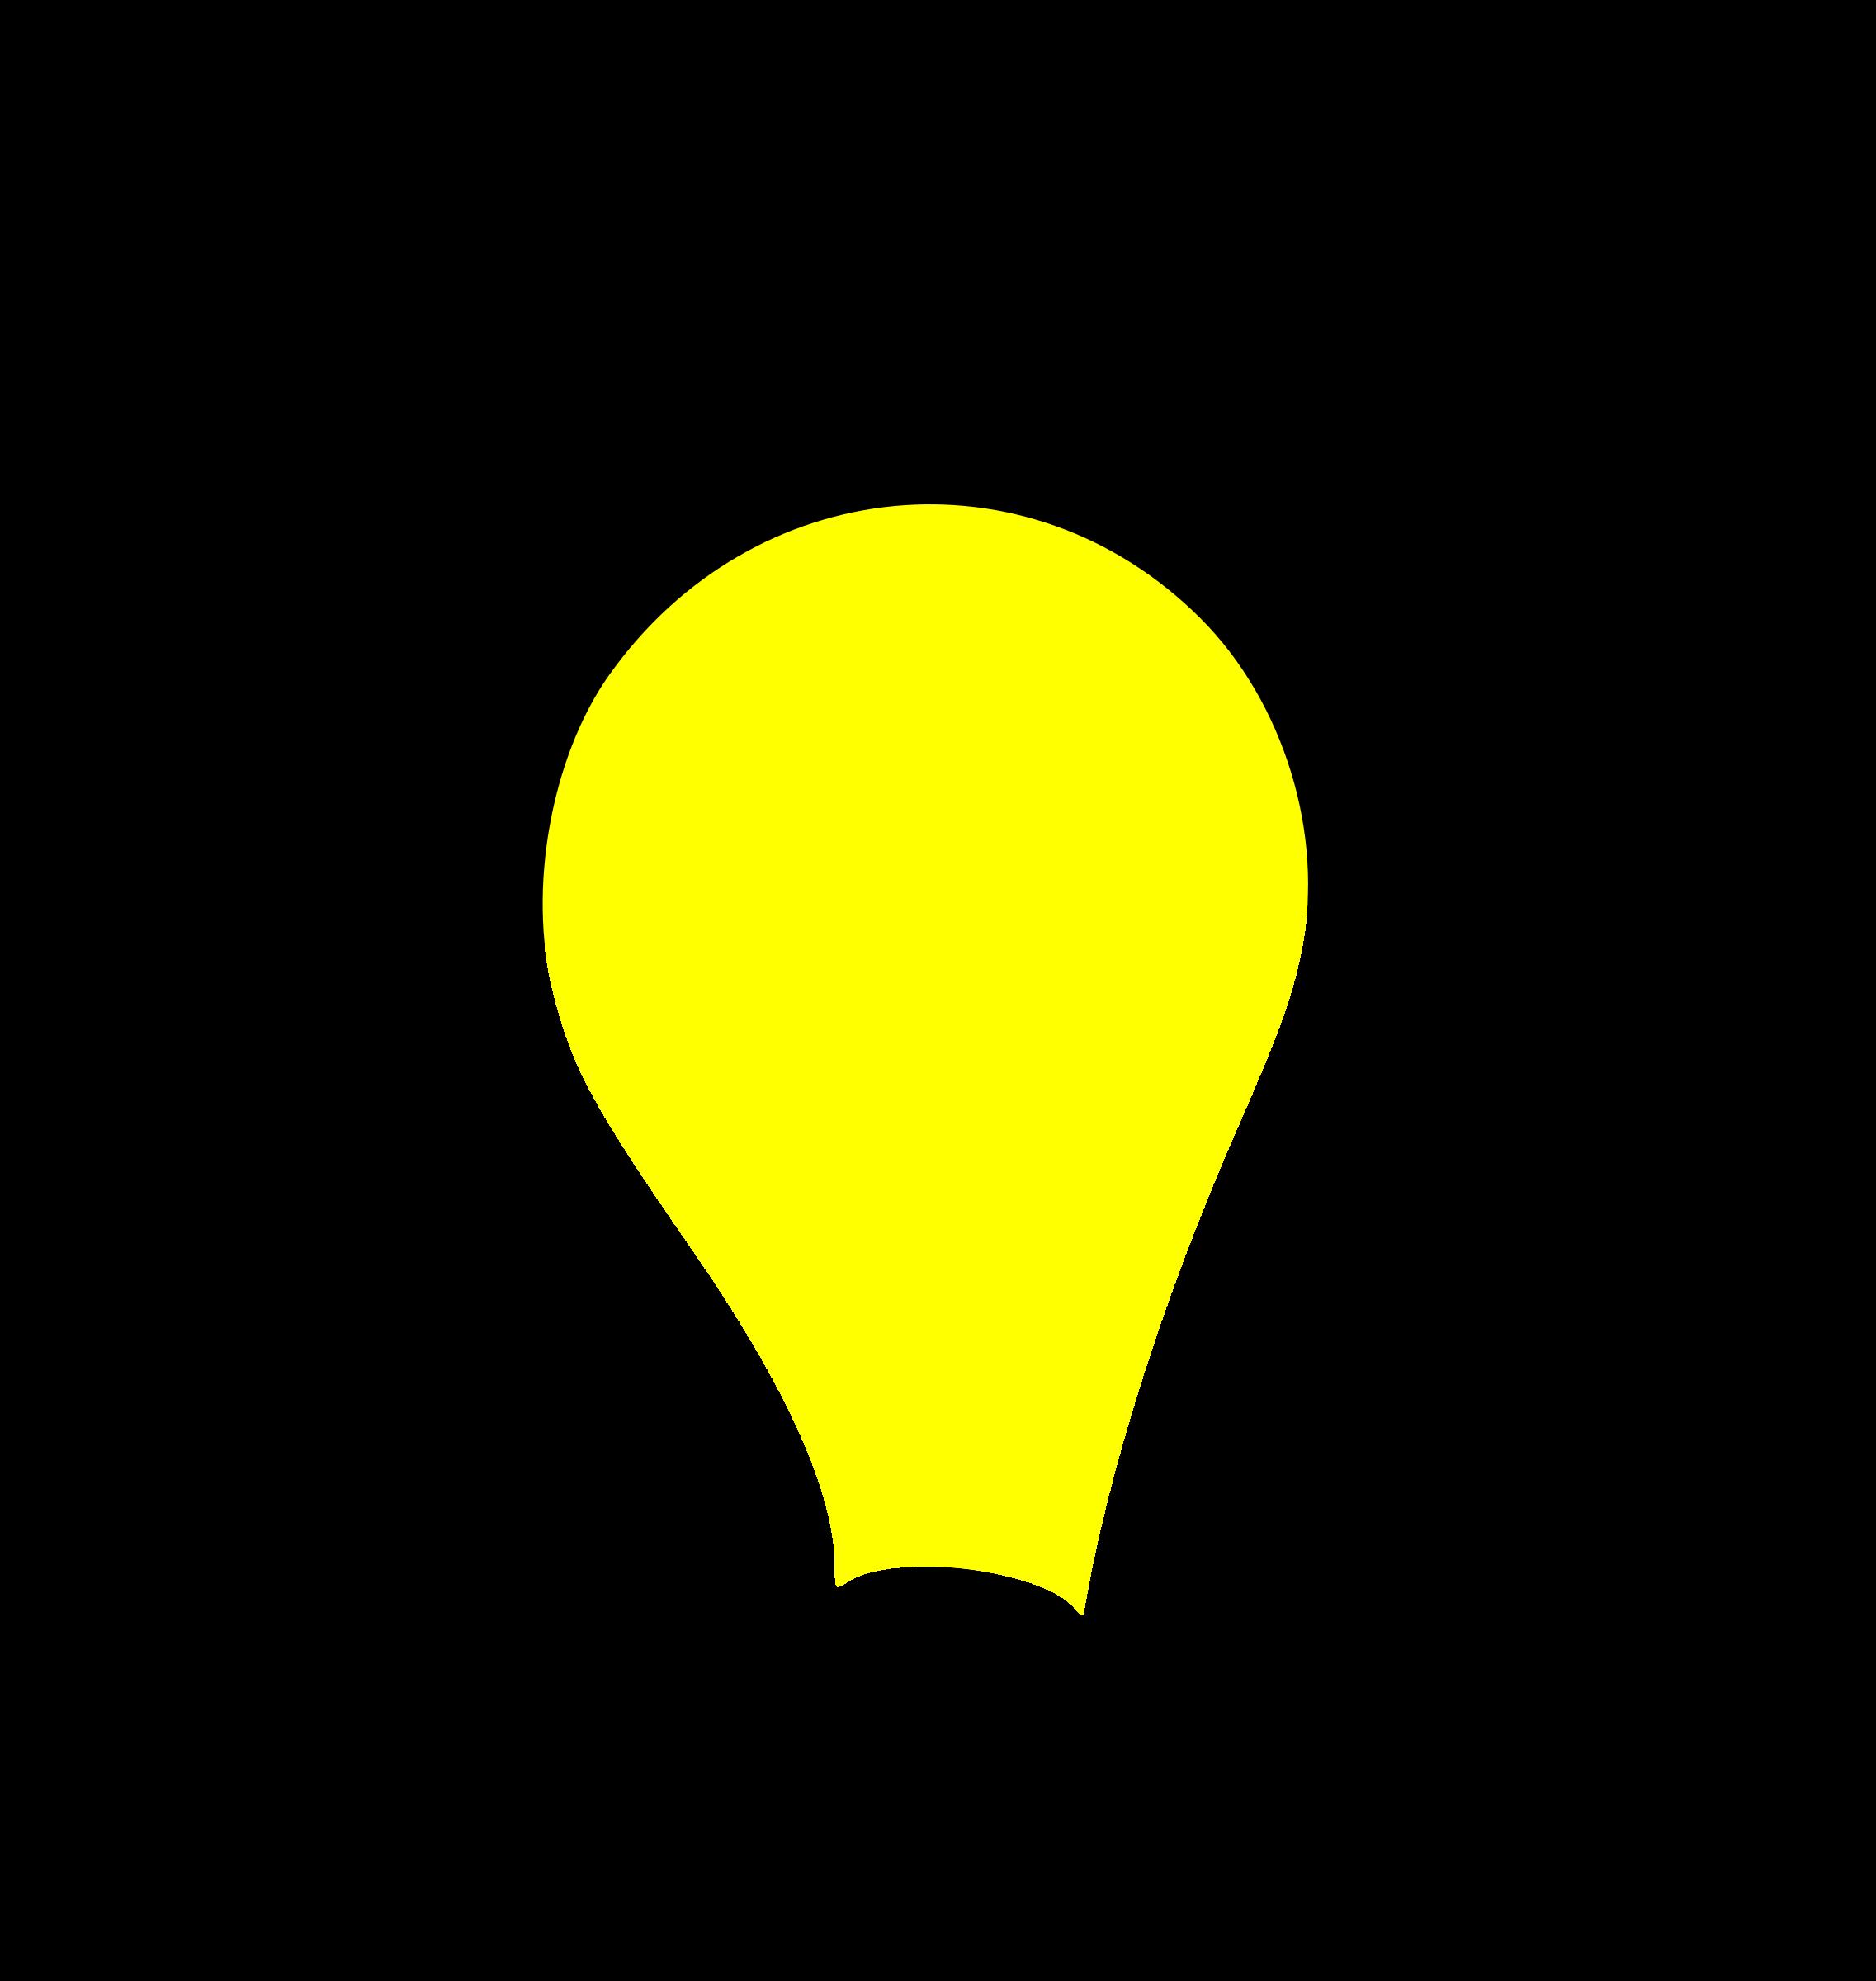 Clipart light bulb lit